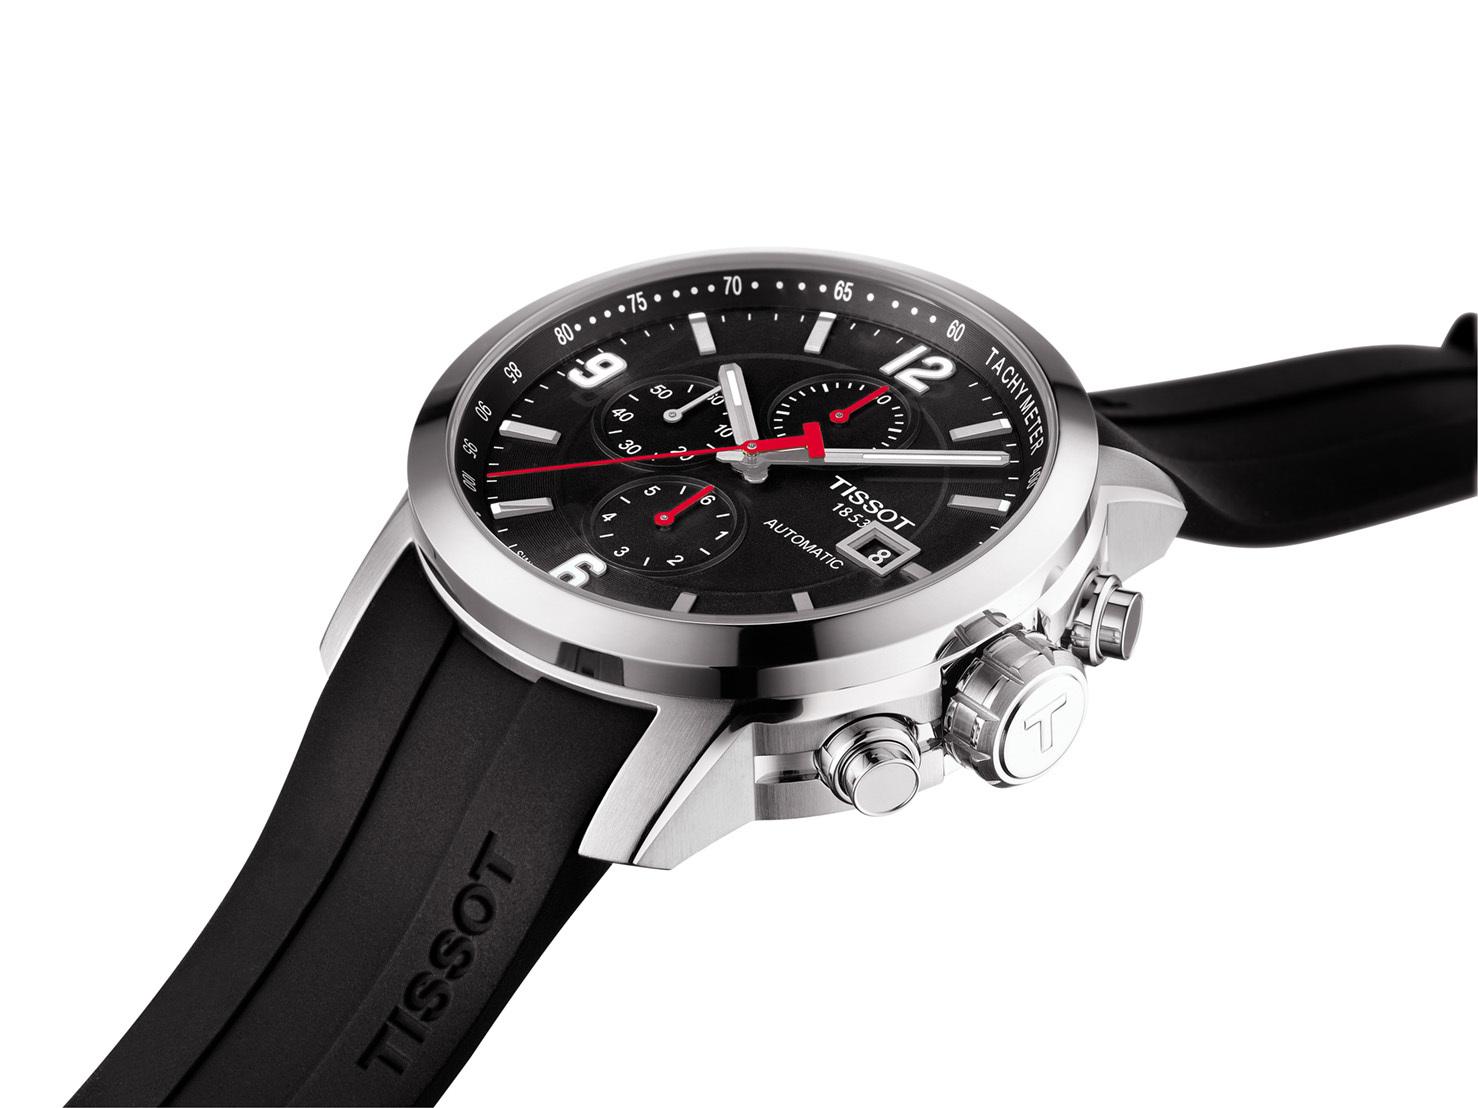 Несмотря на то, что в модельном ряду бренда можно найти мужские и женские часы практически на любой вкус, seculus - часы с собственным узнаваемым лицом и стилем.